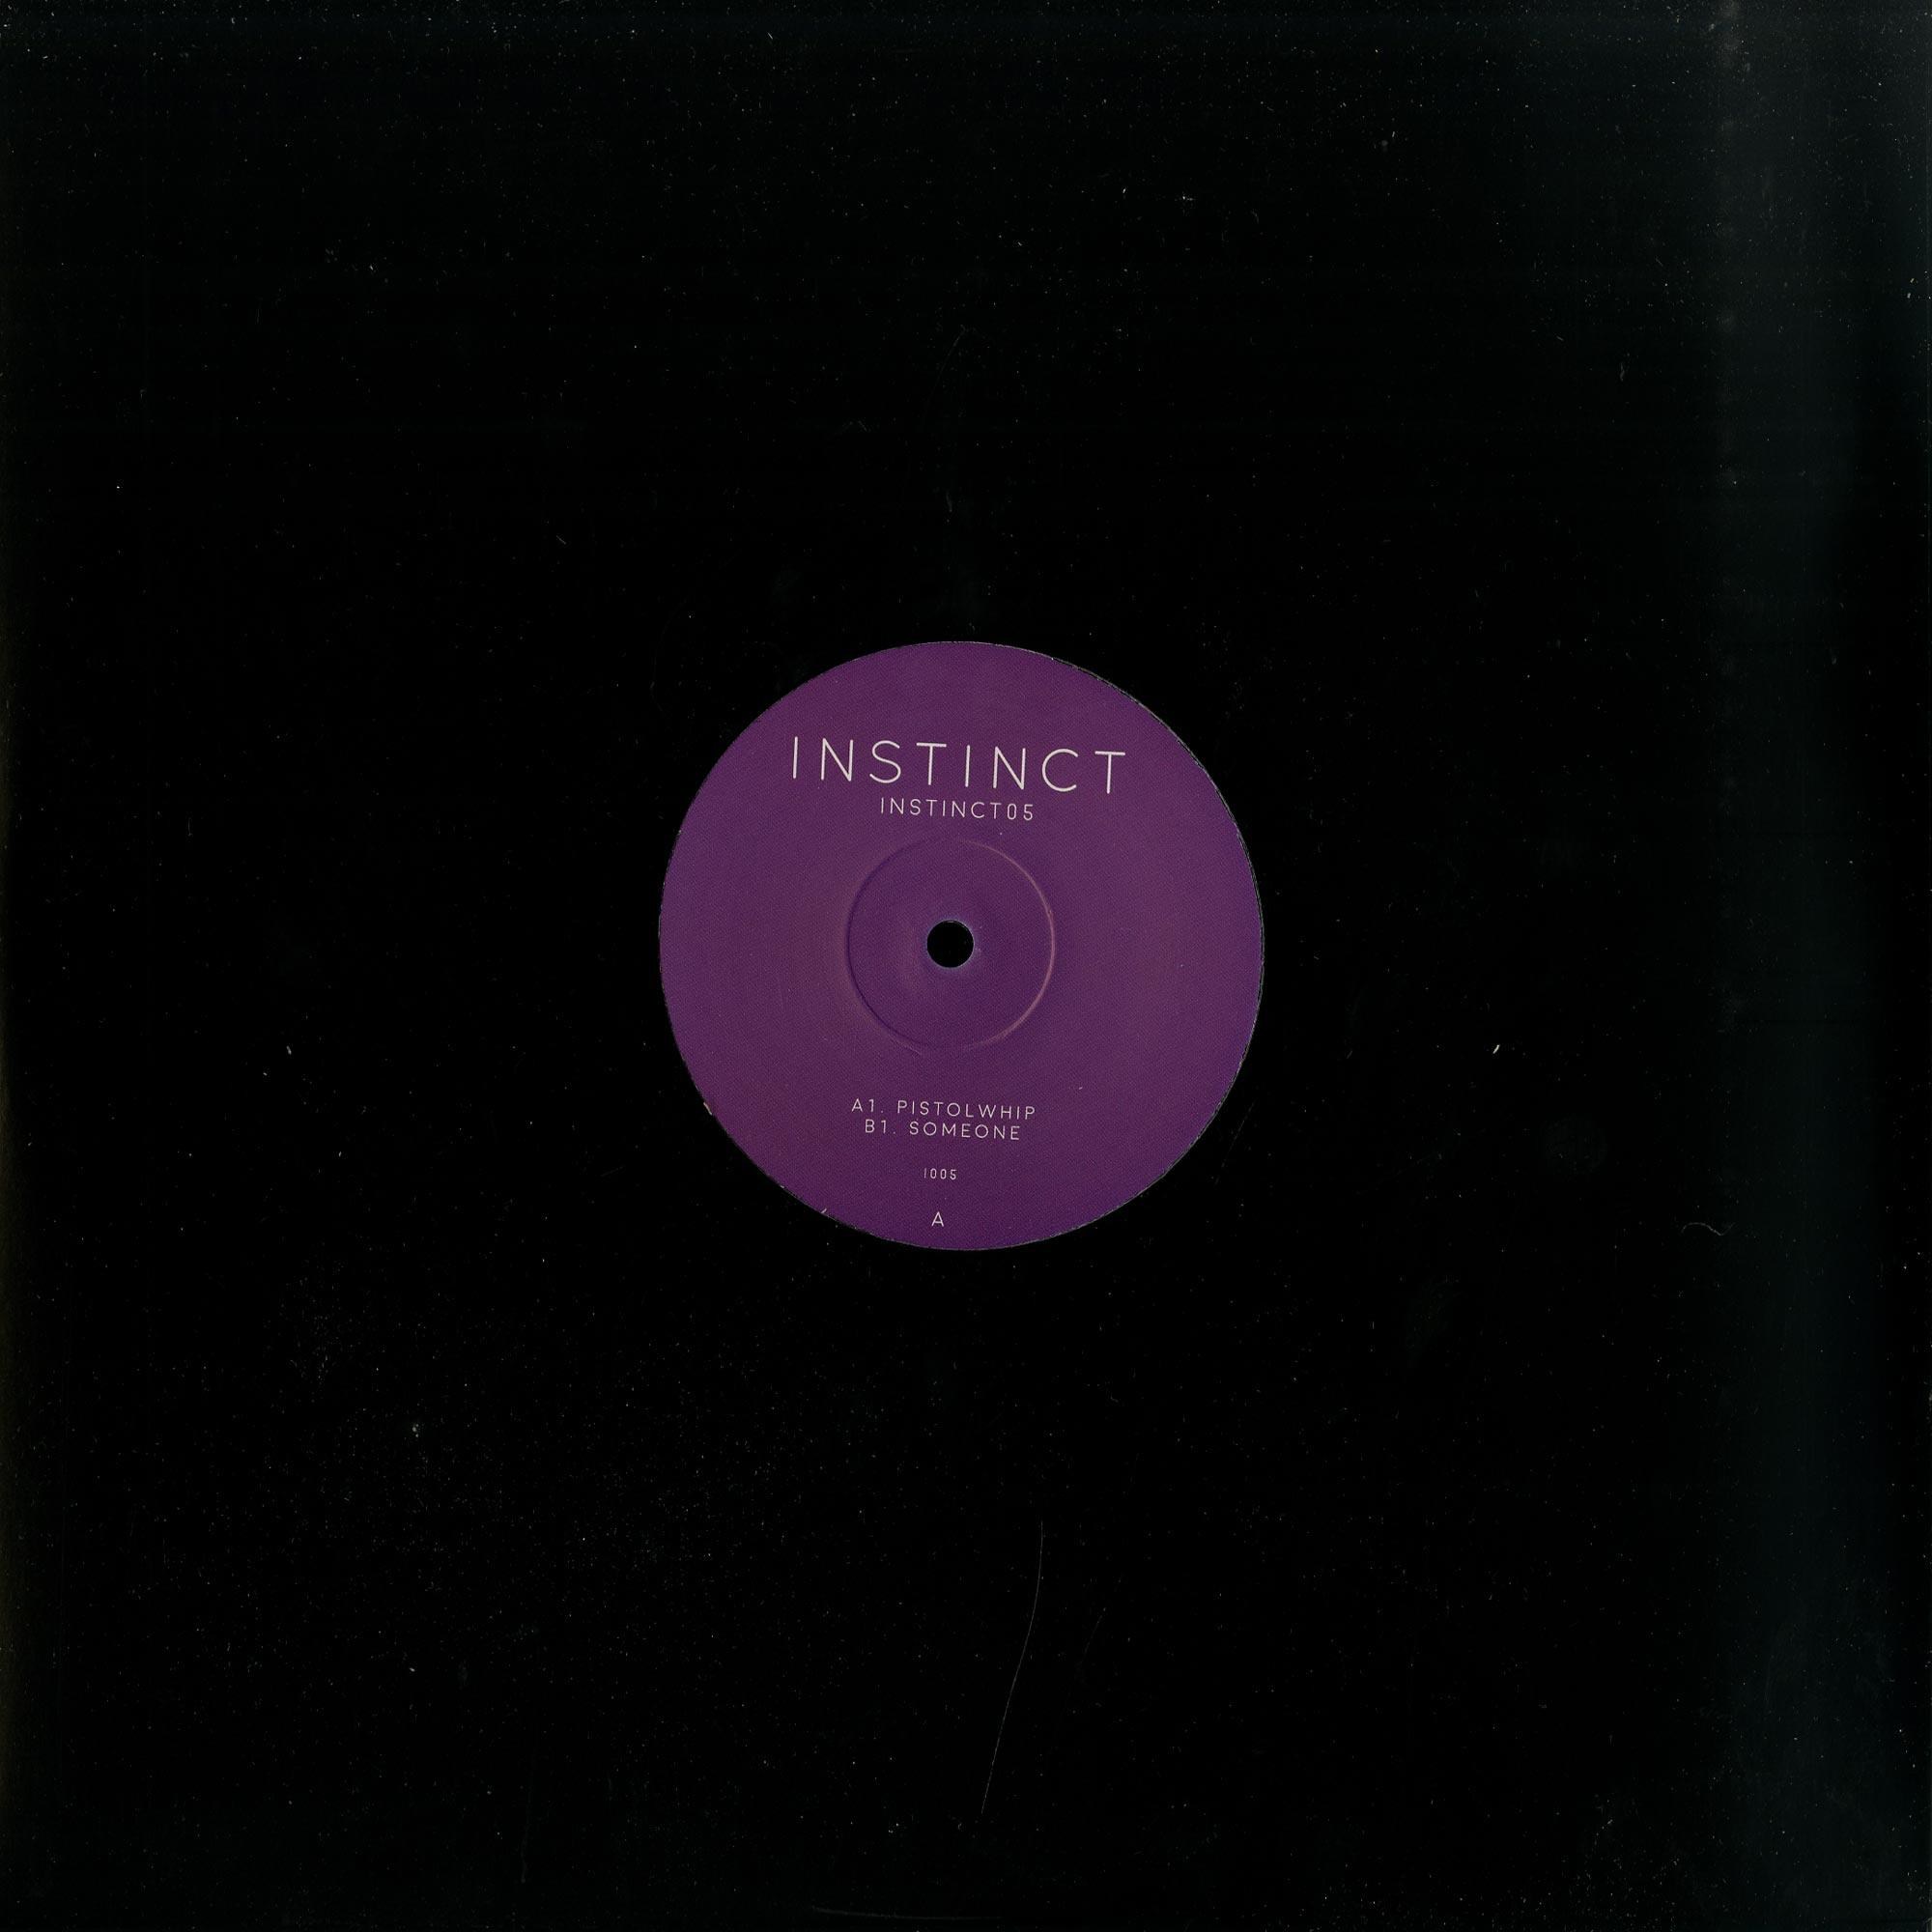 Instinct - INSTINCT 05